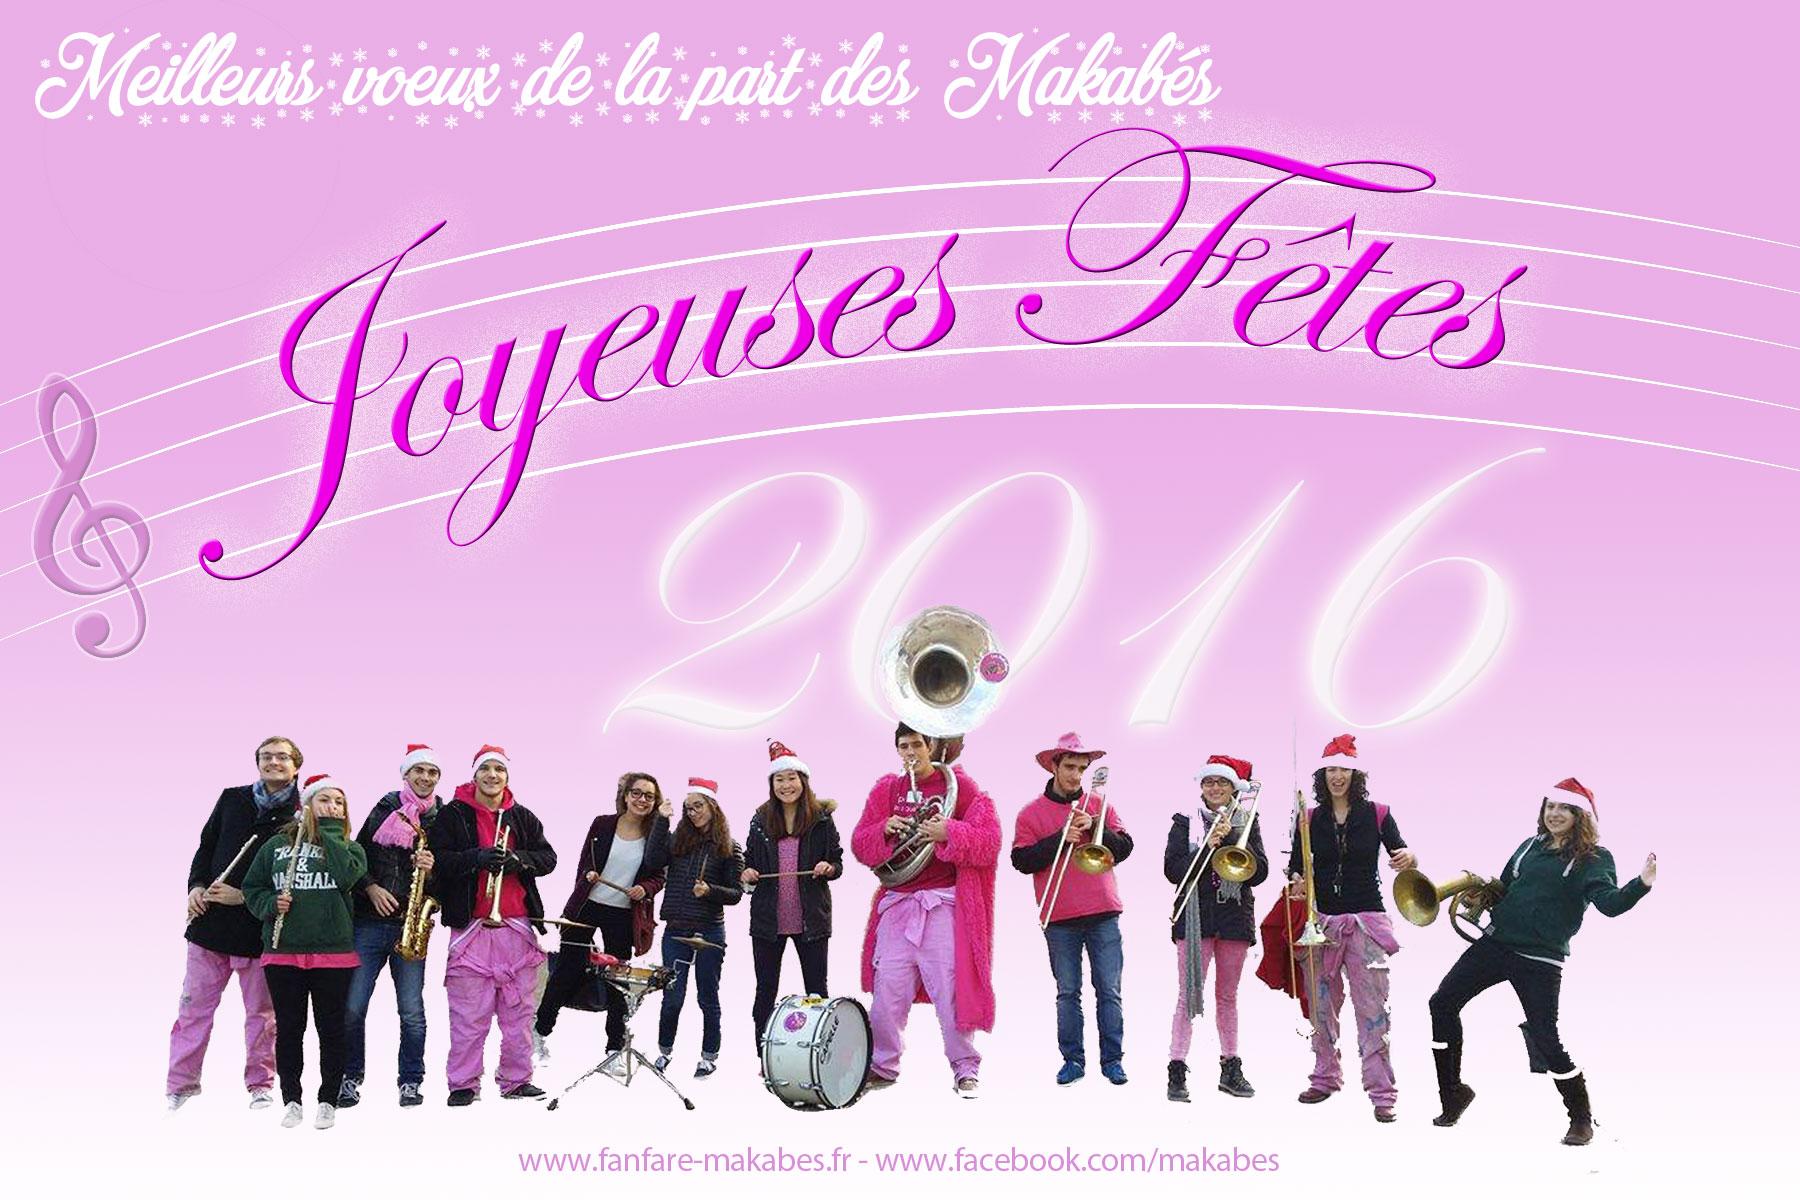 Meilleurs voeux pour 2016 !